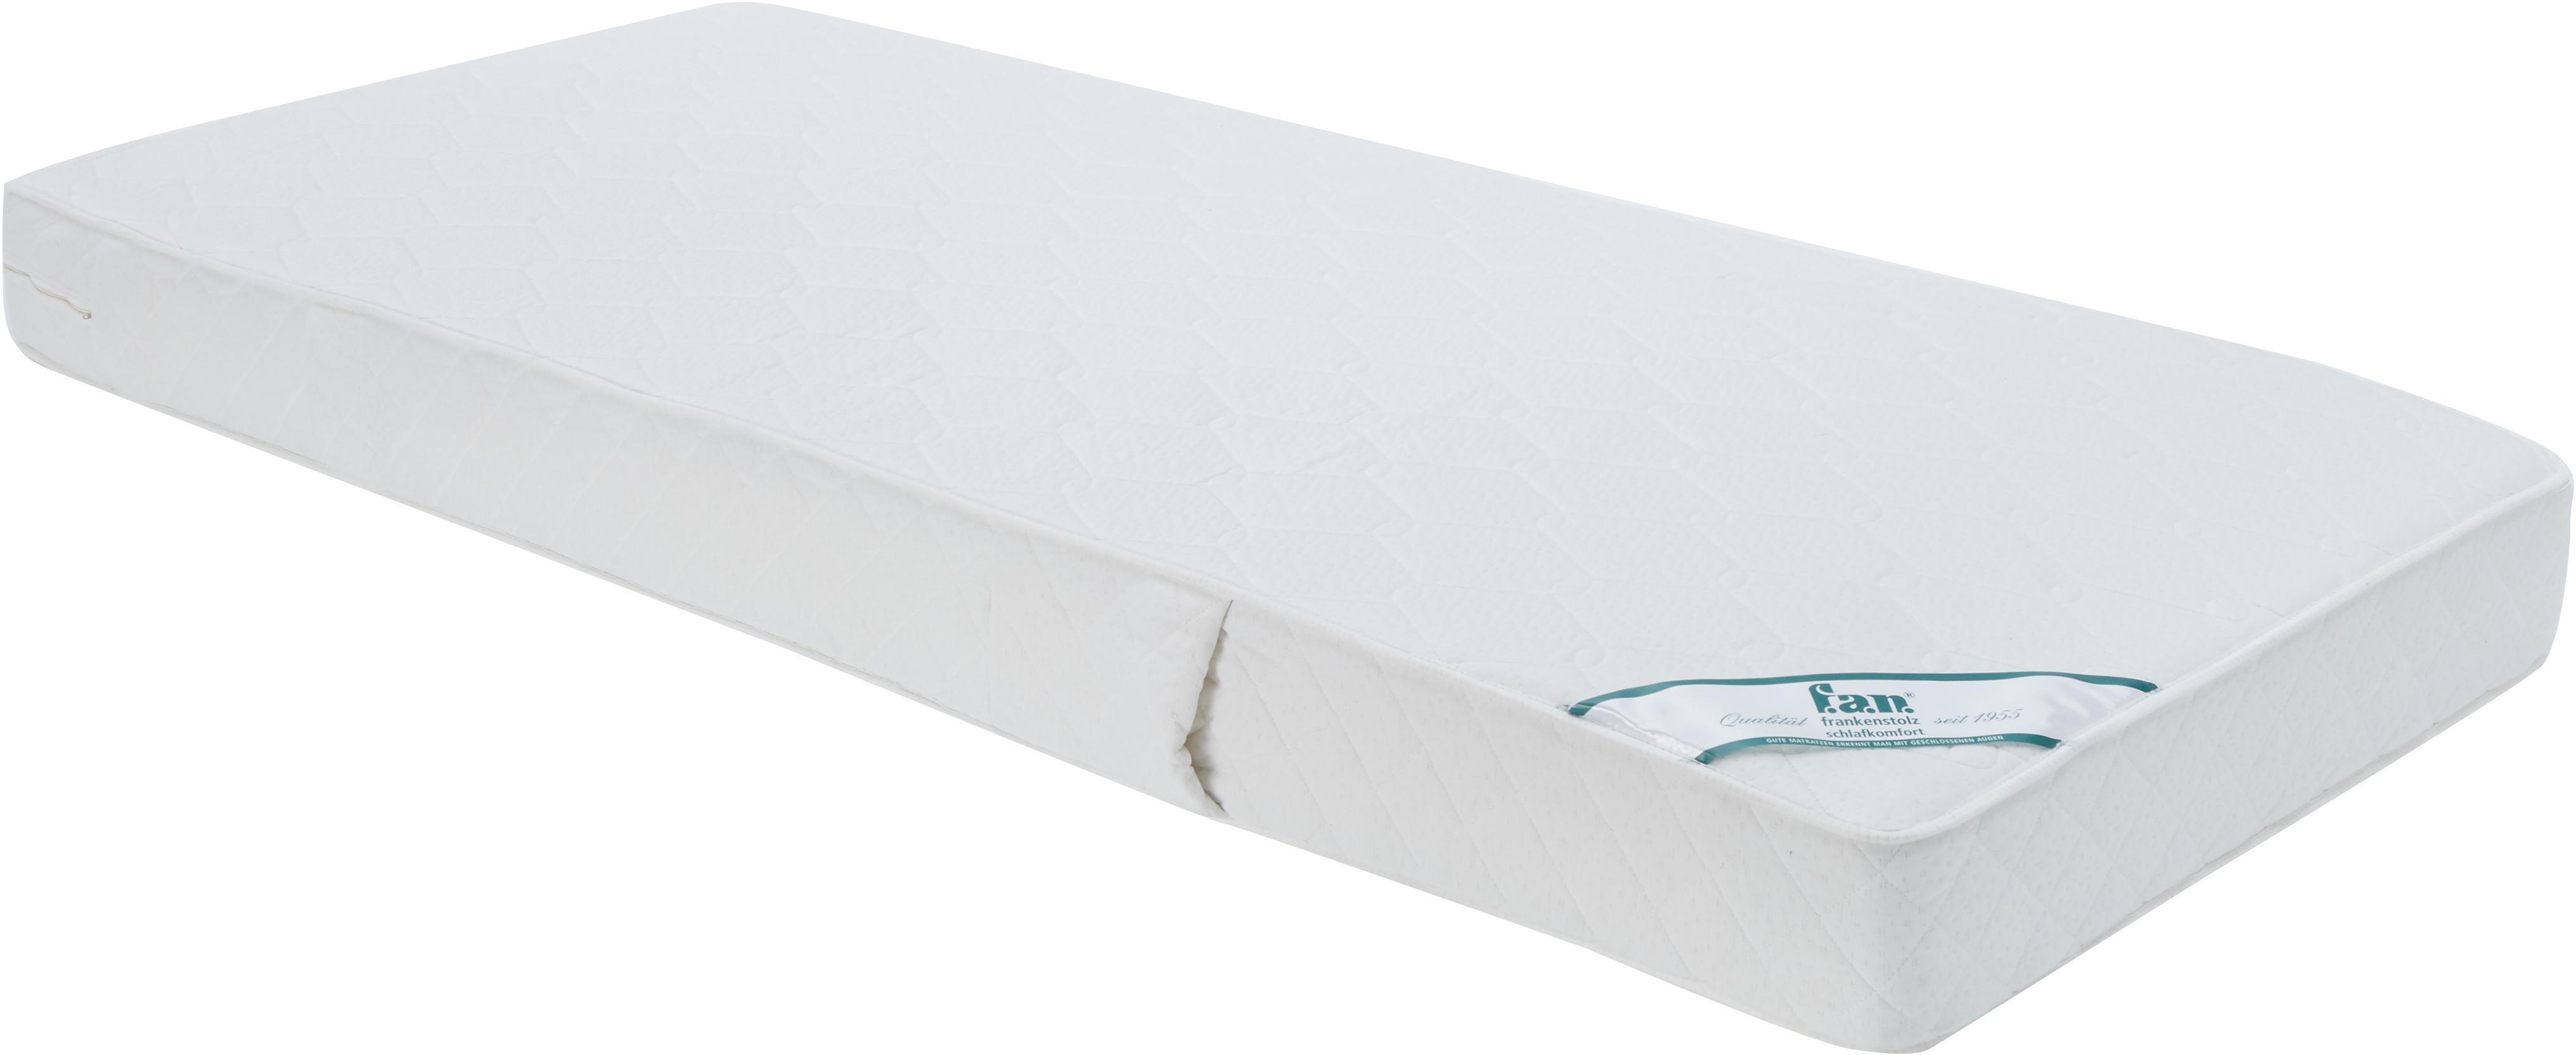 Materac sprężynowo-kieszeniowy Happy, Tapicerka: podwójny jersey (100% pol, Biały, 80 x 200 cm